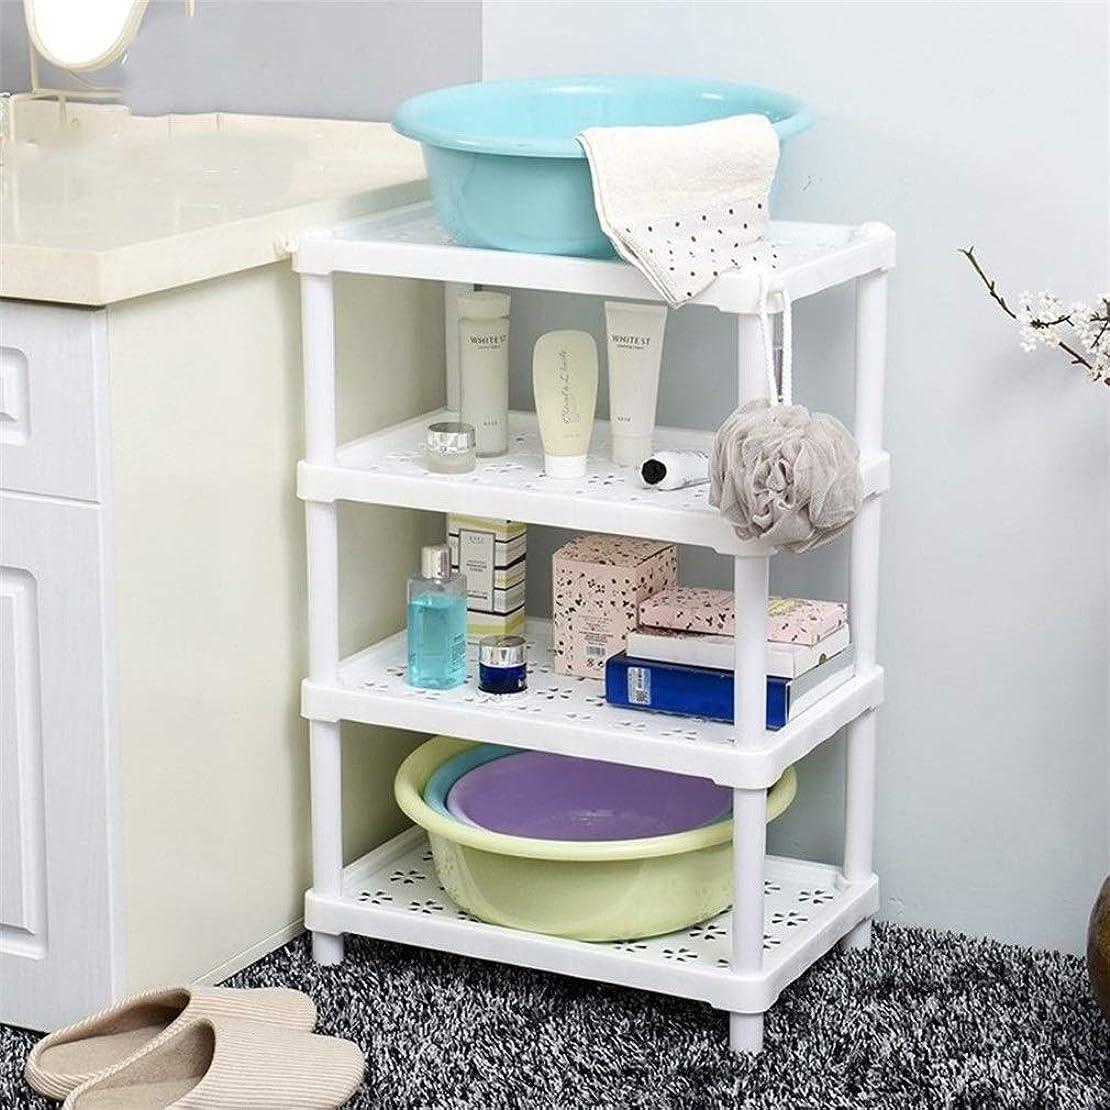 ひまわり感性コンドームバスルーム棚コーナー保管棚浴室の収納棚トイレキッチンバスルームシャンプー化粧品927については4層の棚 (Color : White)